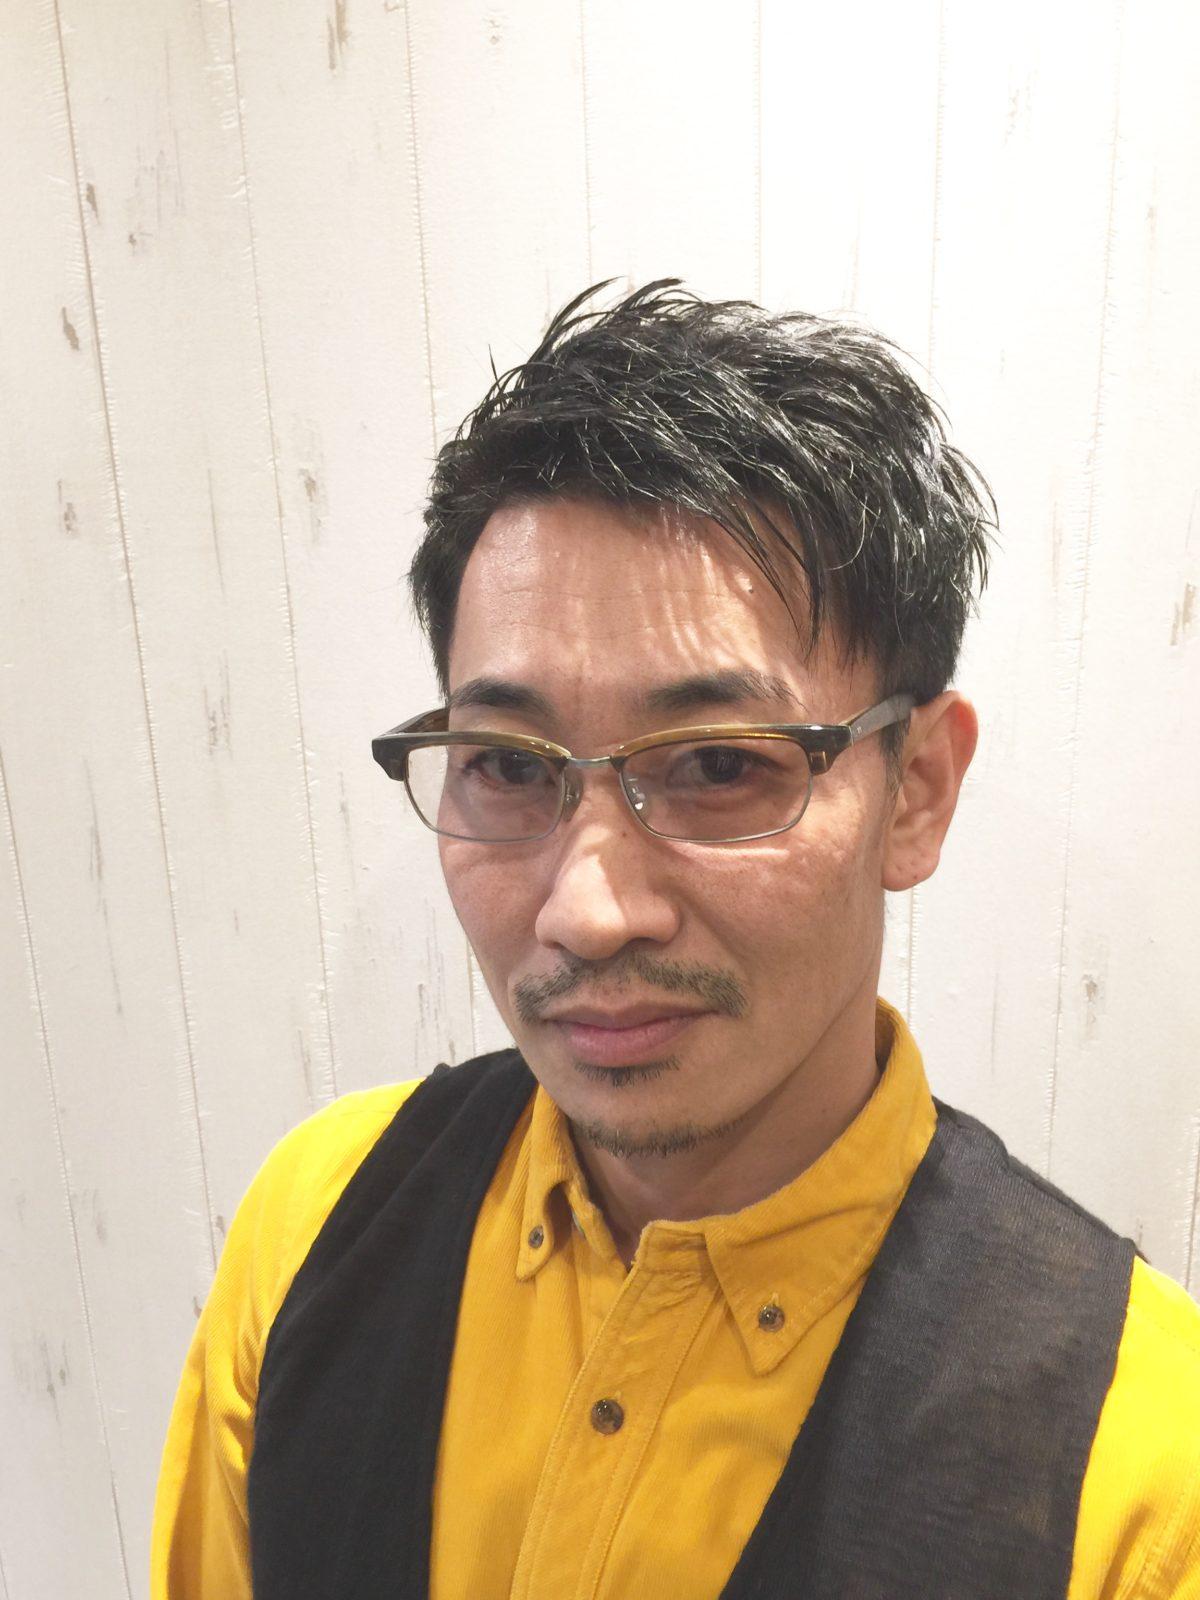 メガネスタイル メンズヘアー